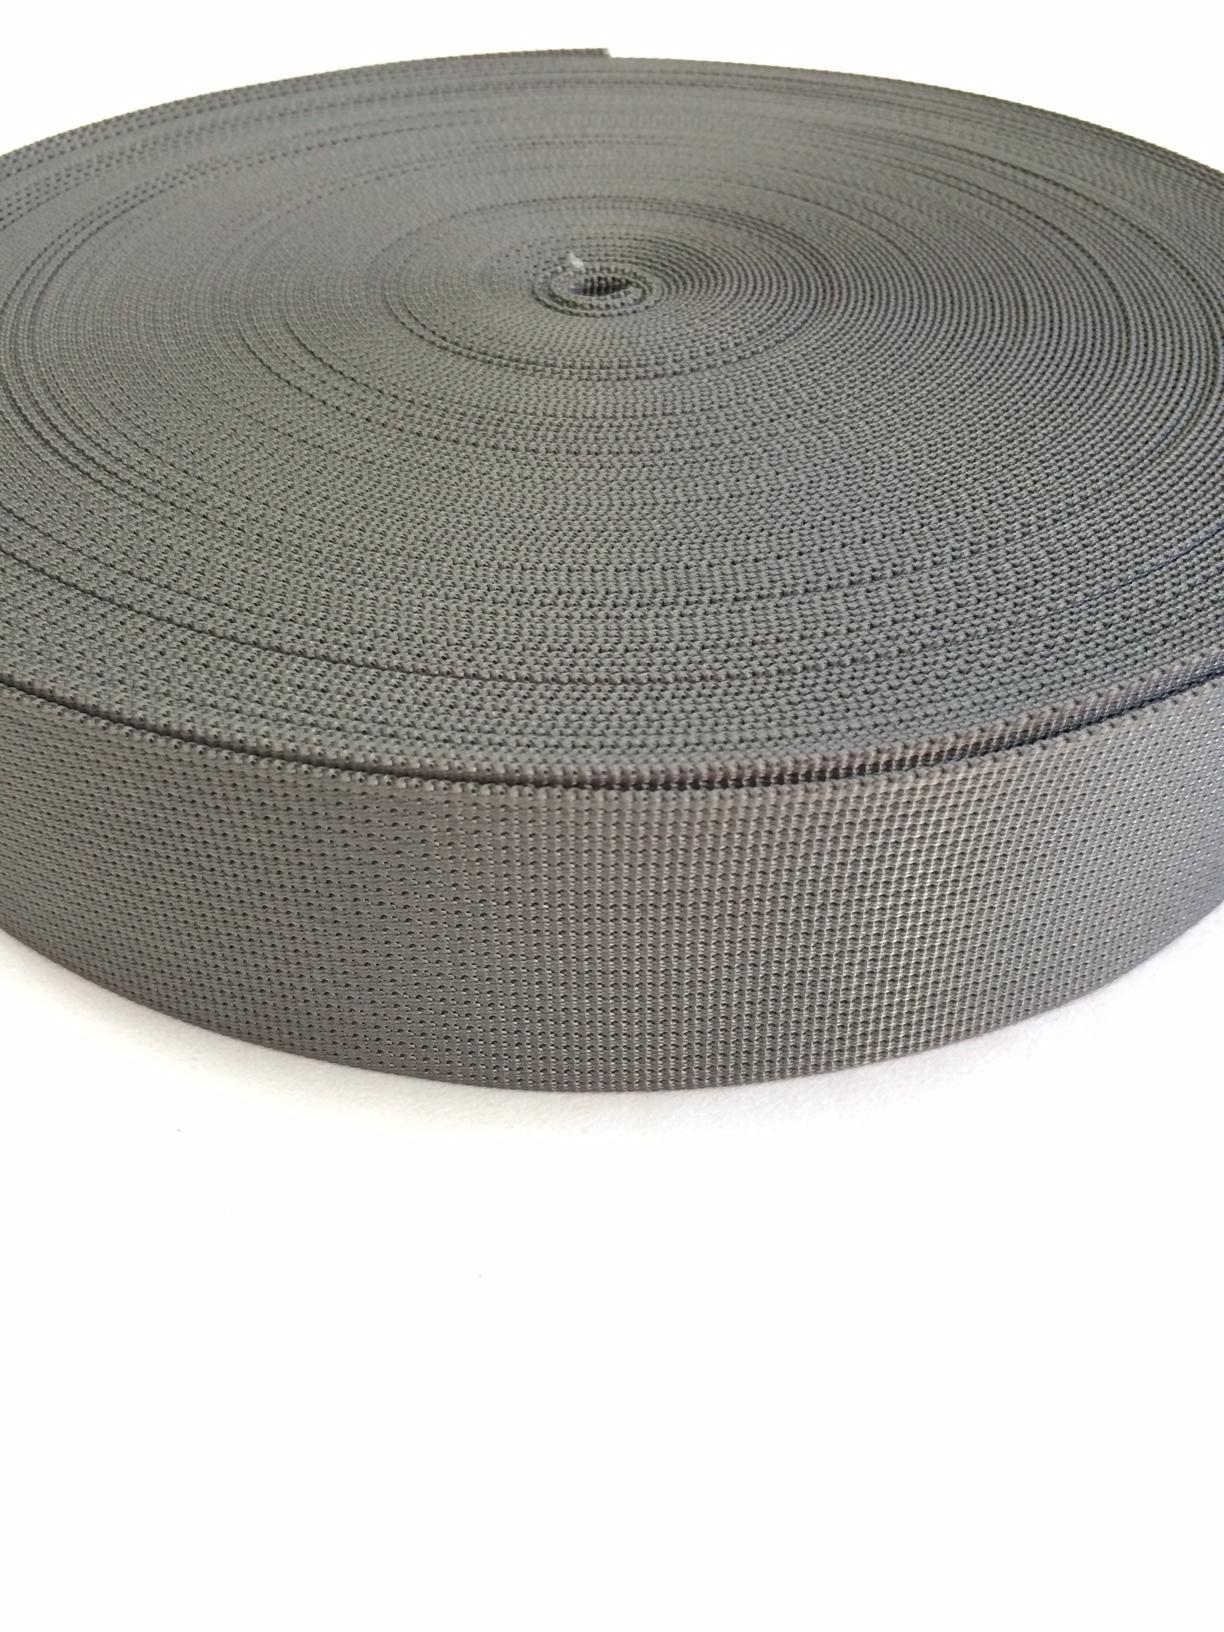 ナイロン  12本トジ  50mm幅  1.5mm厚 カラー(黒以外) 5m